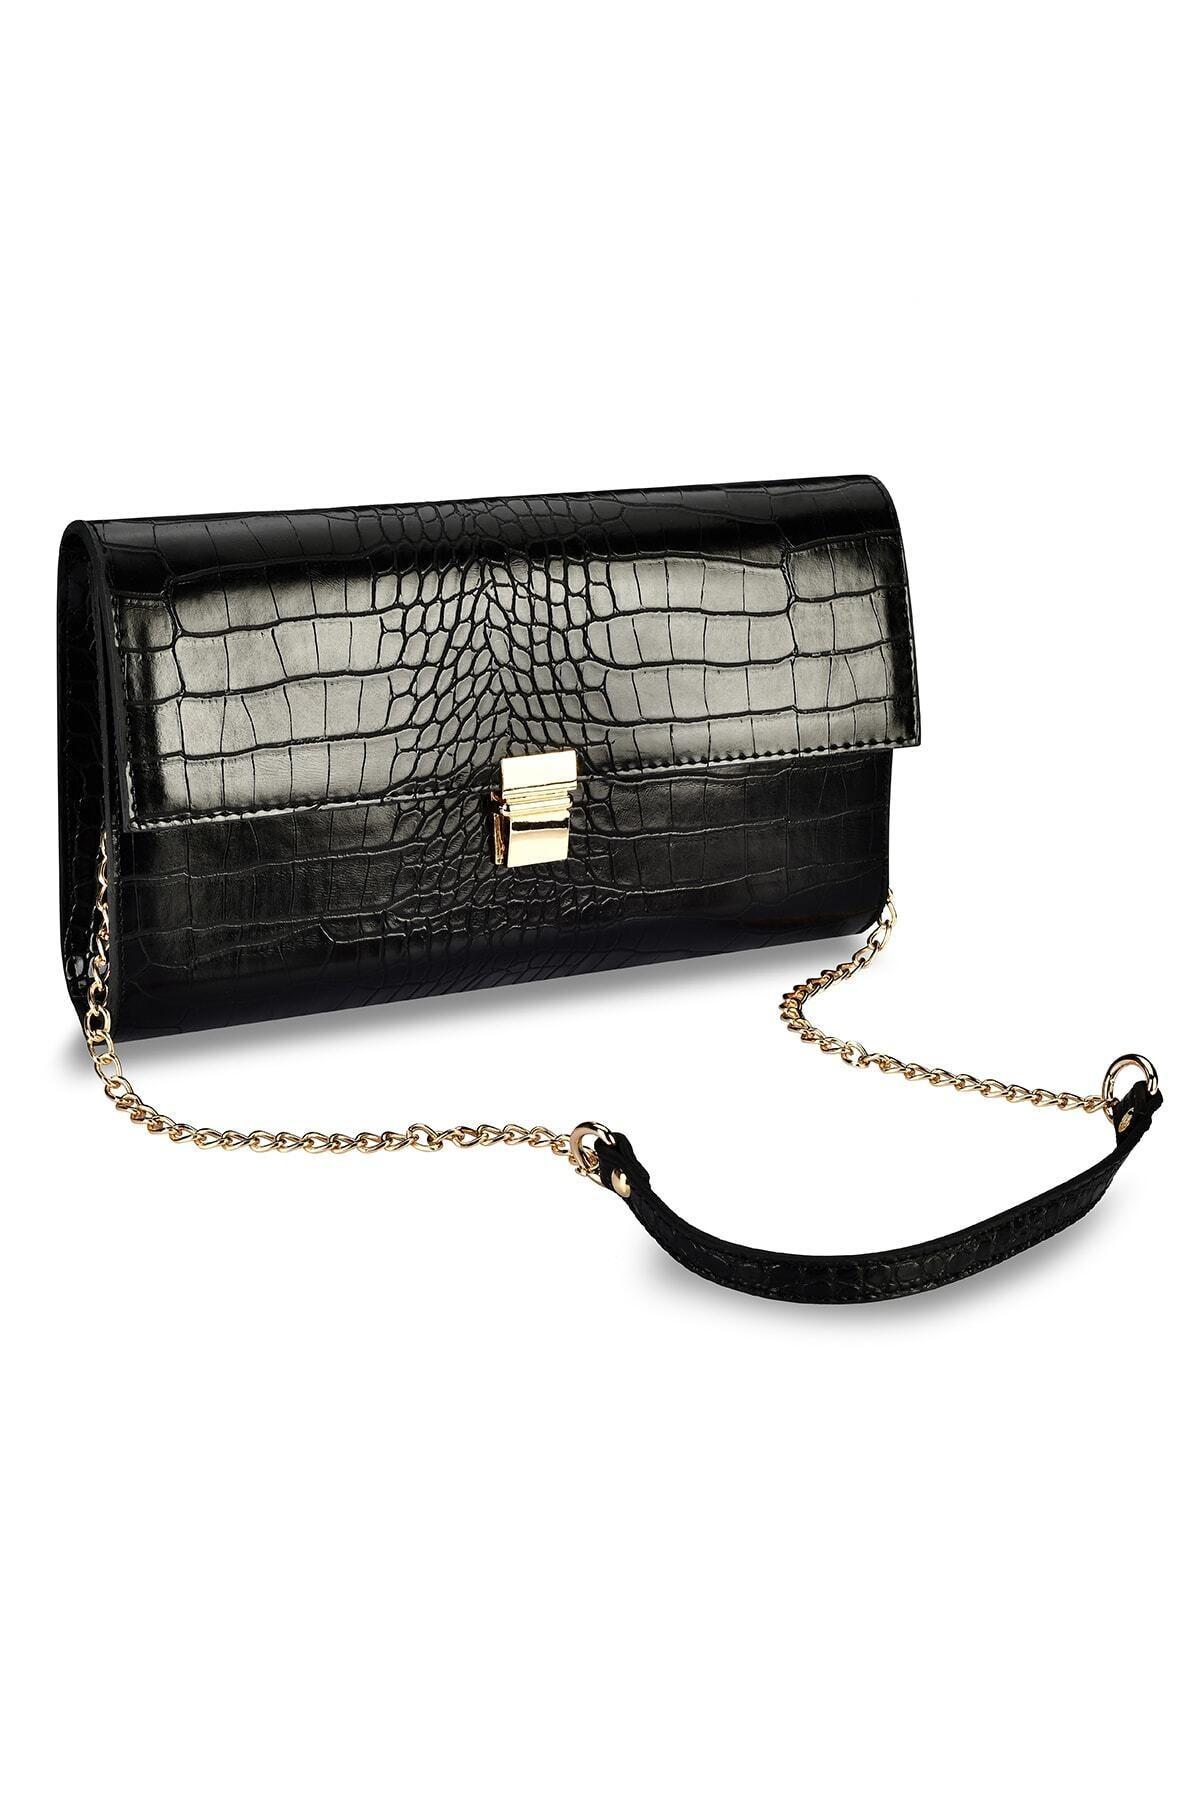 Coquet Accessories Kadın Siyah El Çantası 19g3u13n831 2